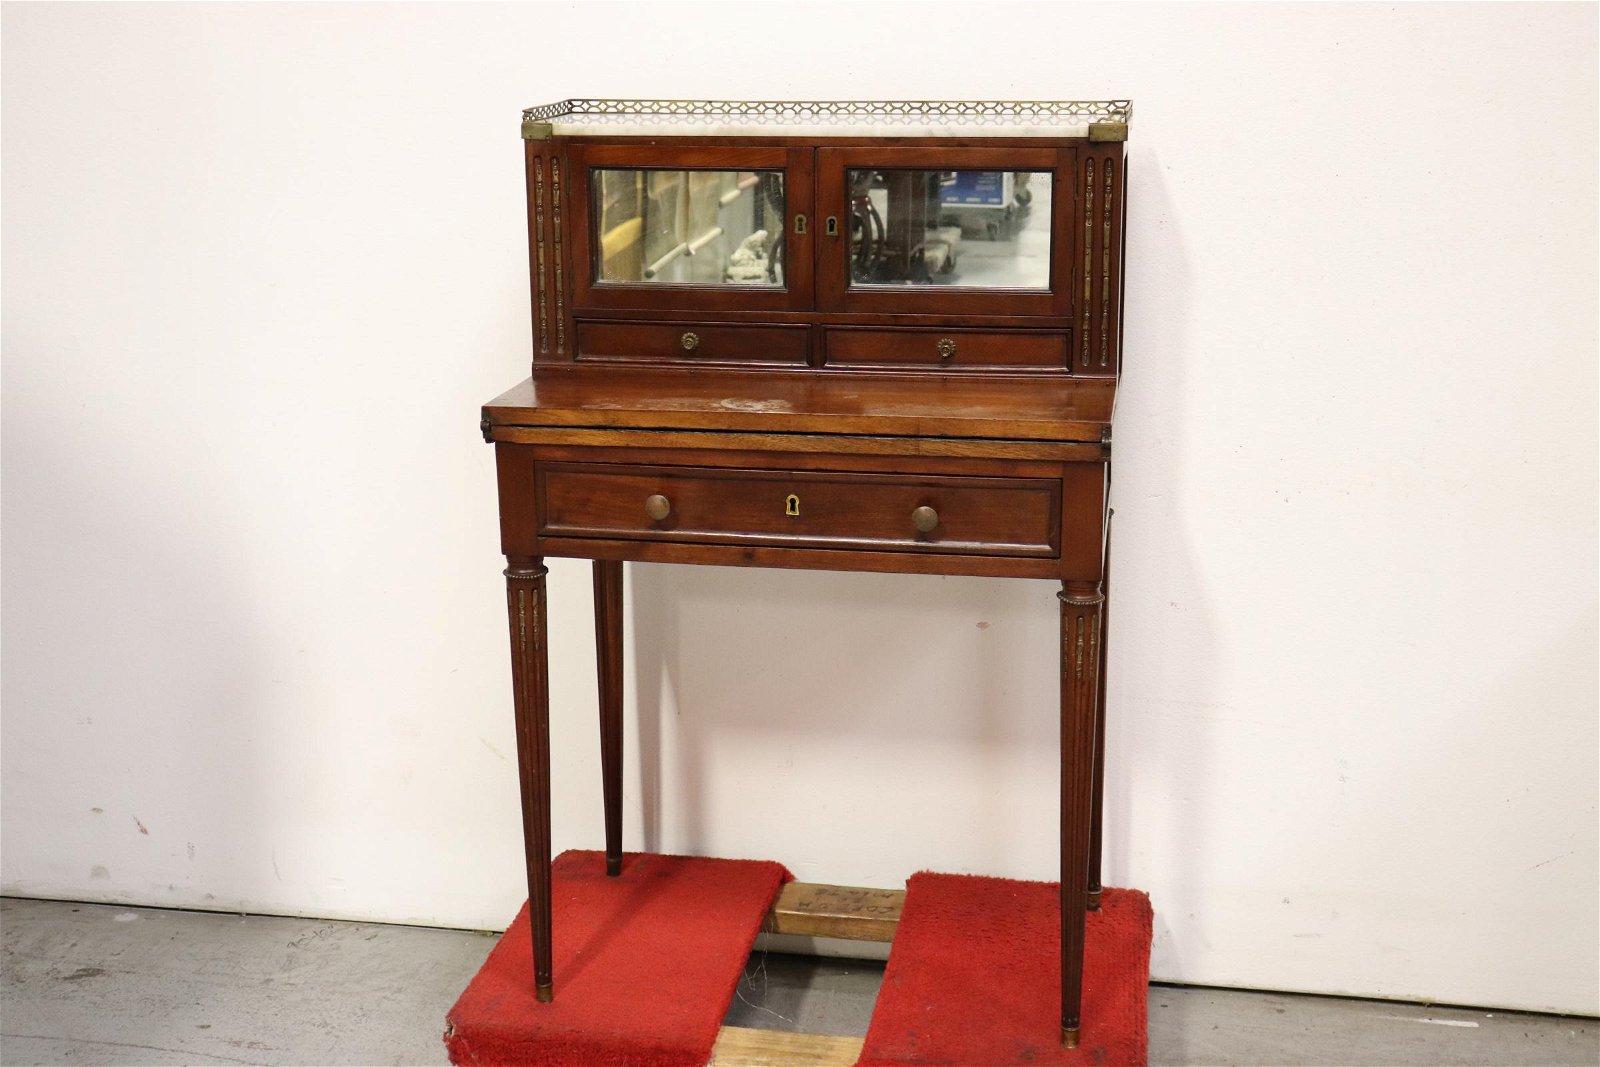 Antique mahogany folding top desk/ cabinet